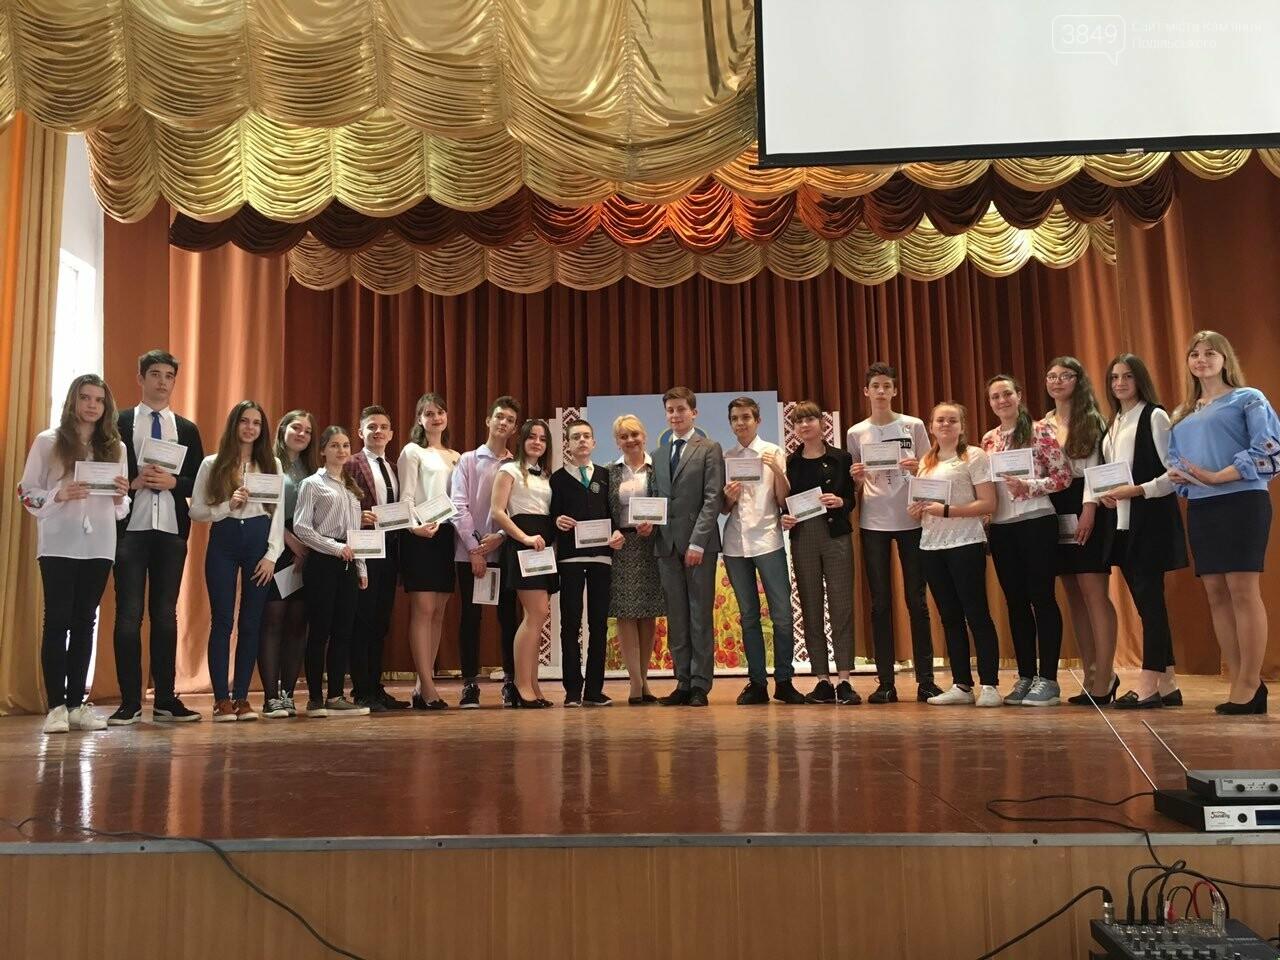 Обдарованих кам'янецьких школярів відзначили грошовими преміями, фото-3